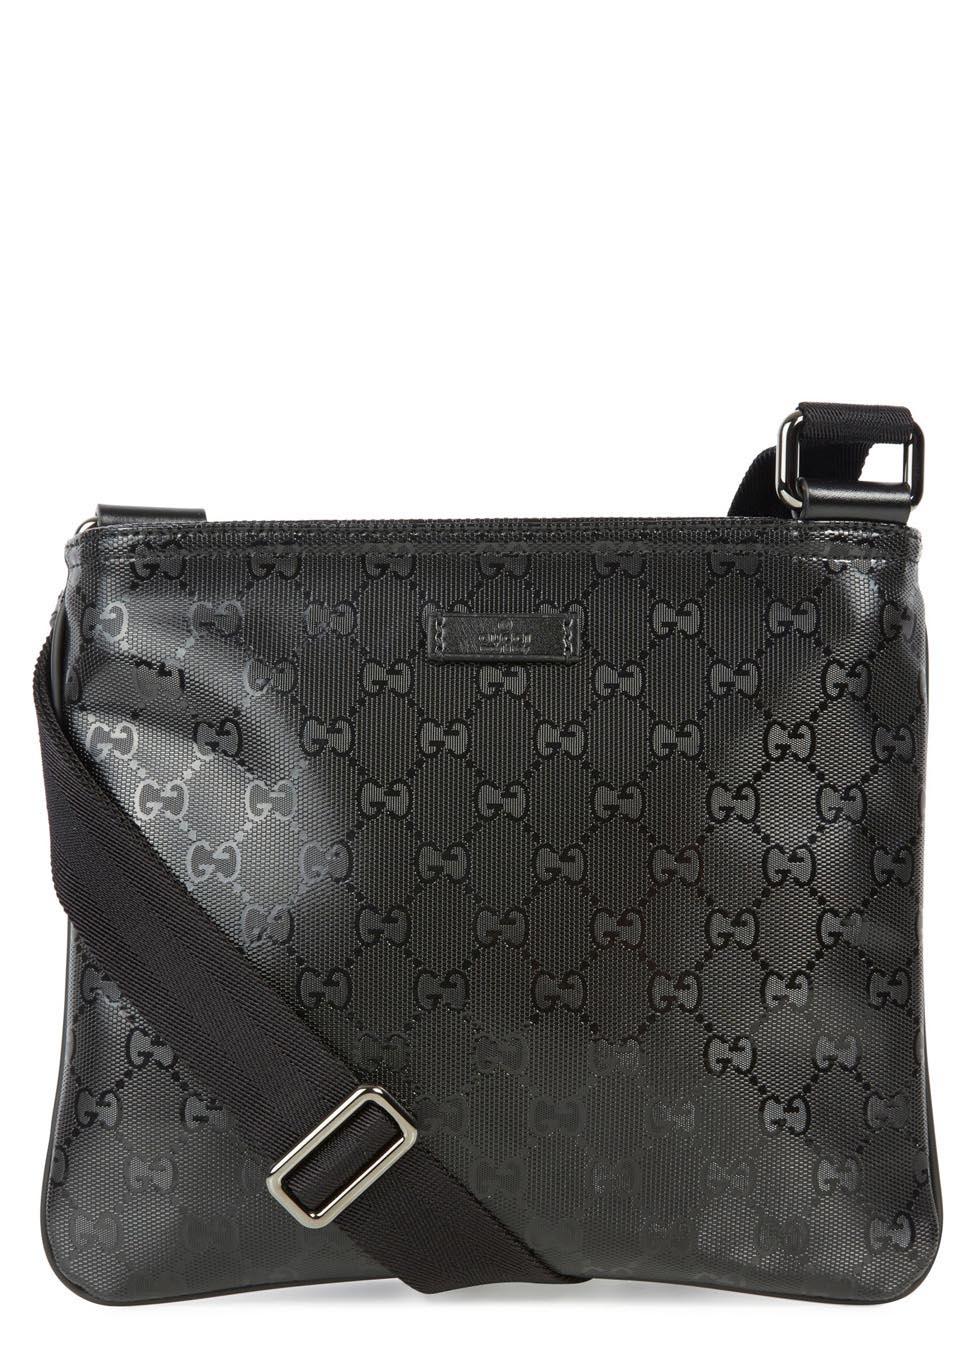 998af000079 Gucci Black Monogrammed Coated Canvas Messenger Bag in Black for Men ...